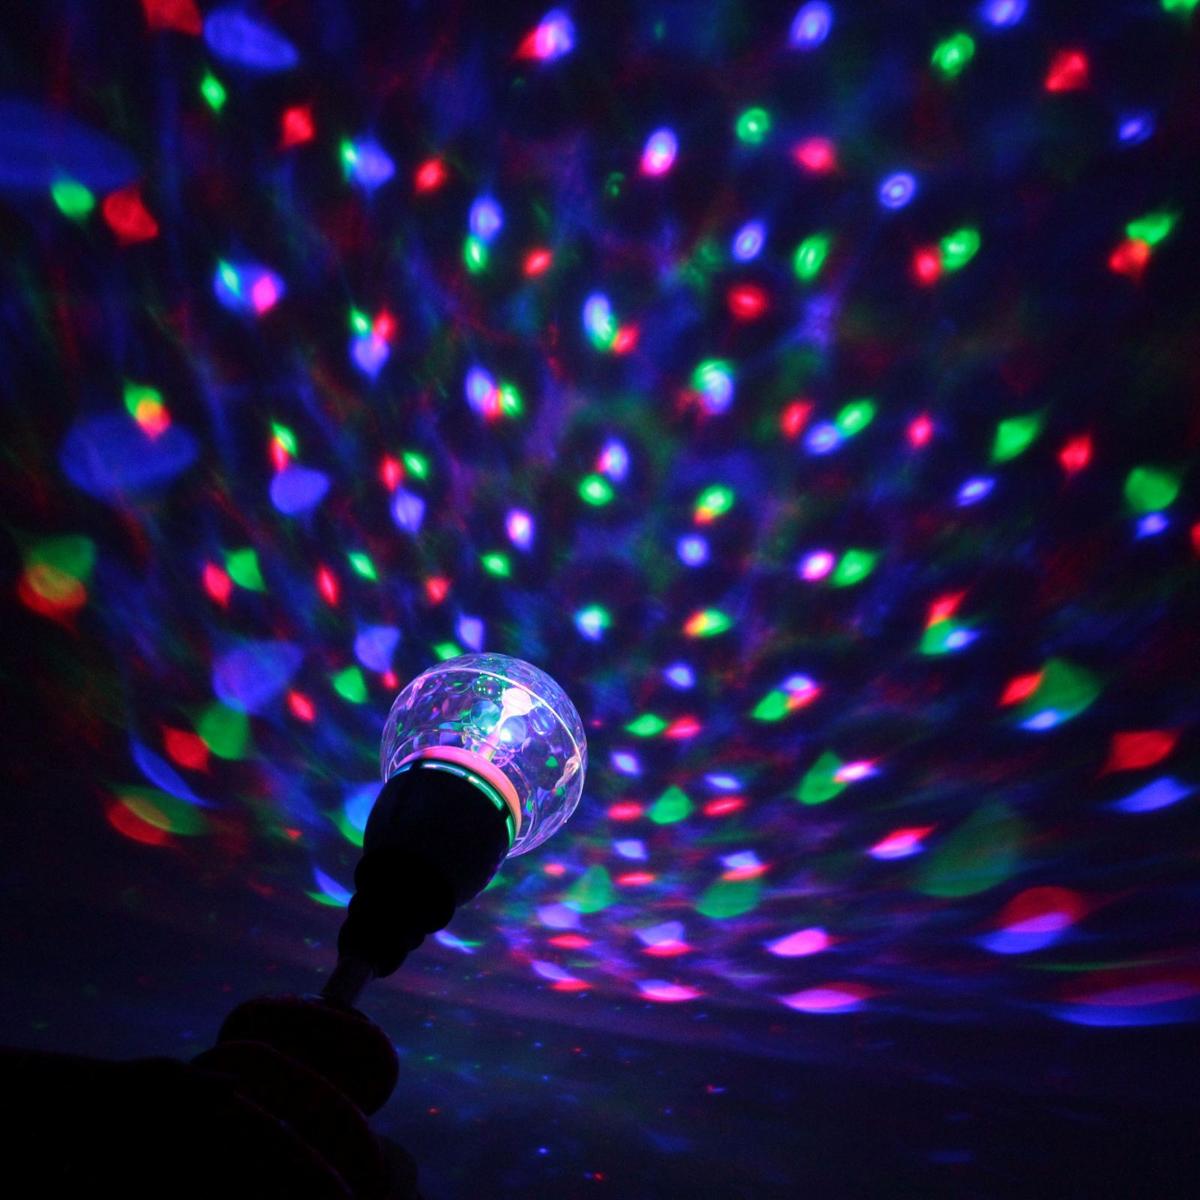 Лампа Luazon Хрустальный шар, диаметр 12 см, 220V, цоколь Е27. 867655867655Светодиодные гирлянды, ленты и т.д — это отличный вариант для новогоднего оформления интерьера или фасада. С их помощью помещение любого размера можно превратить в праздничный зал, а внешние элементы зданий, украшенные ими, мгновенно станут напоминать очертания сказочного дворца. Такие украшения создают ауру предвкушения чуда. Деревья, фасады, витрины, окна и арки будто специально созданы, чтобы вы украсили их светящимися нитями.